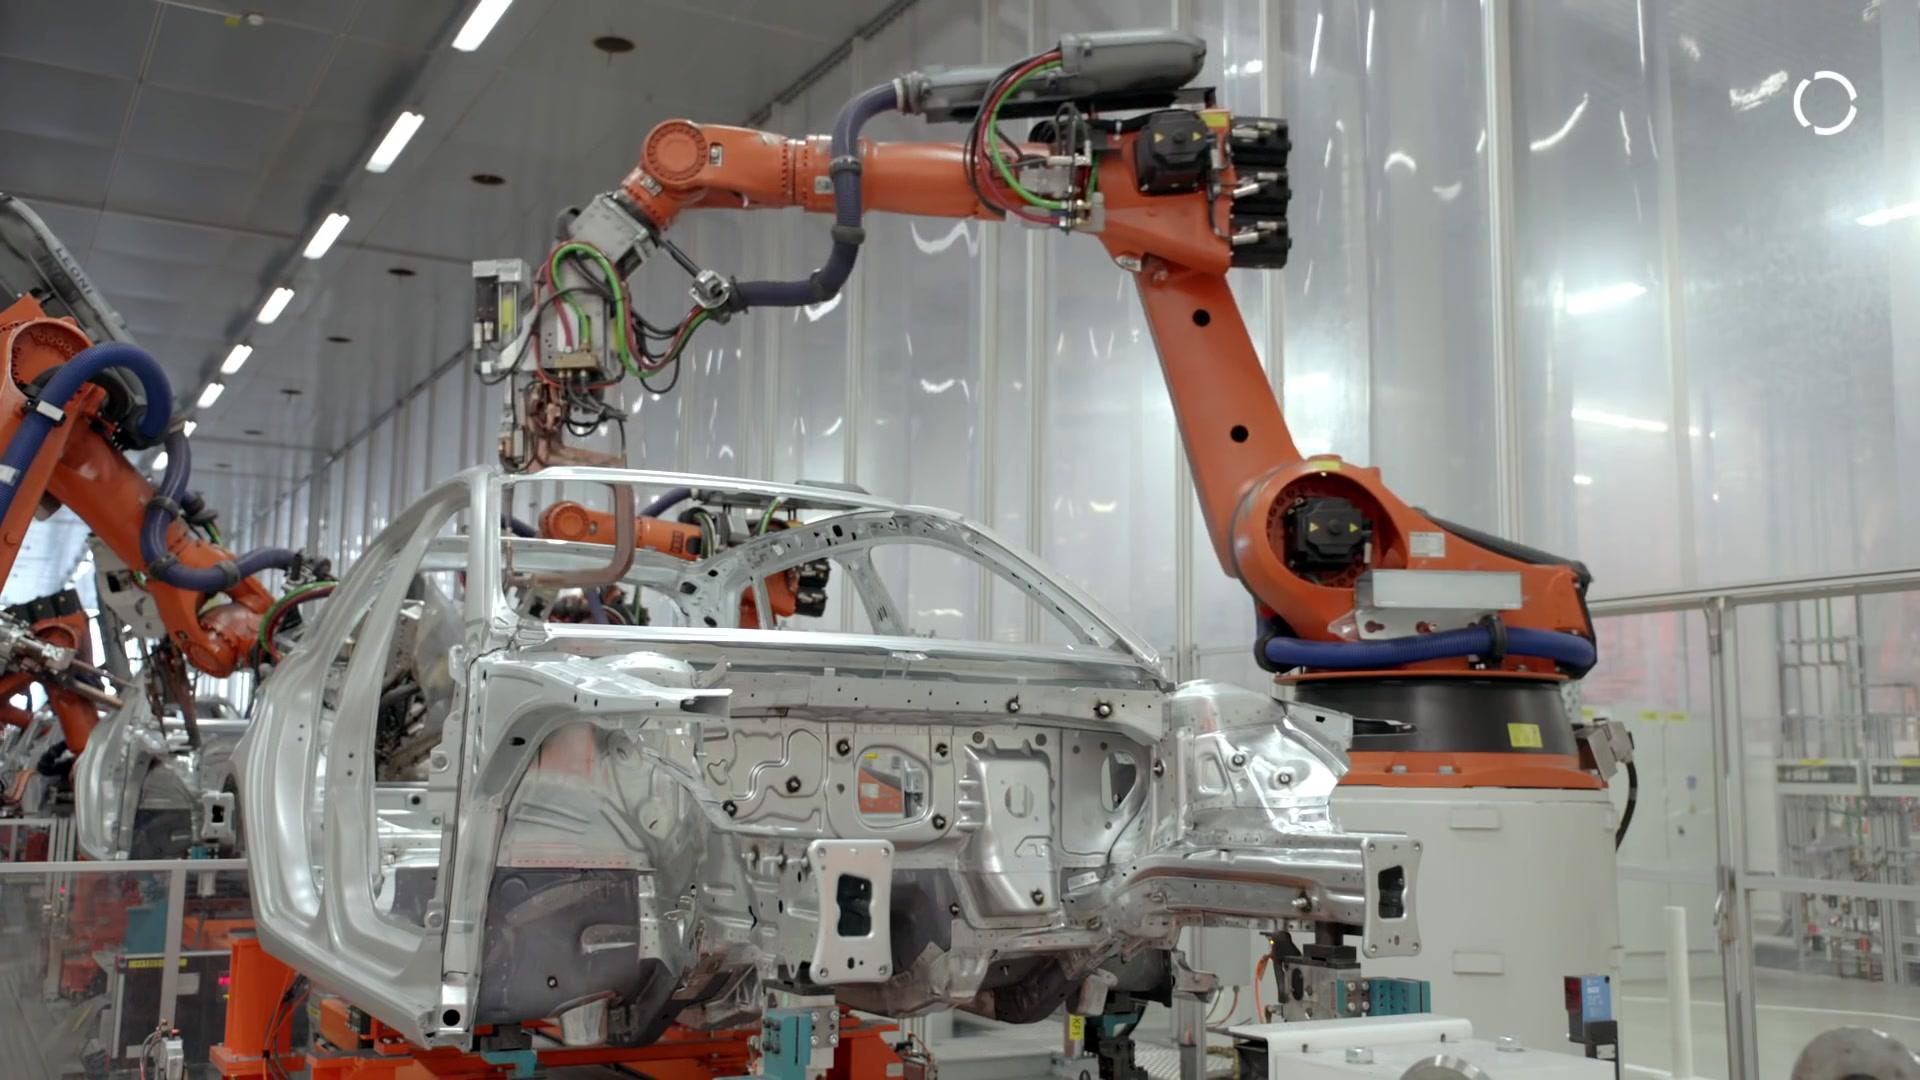 制造_【工业机械】德国柔性系统制造企业 KUKA(库卡)-库卡机器人的故事 ...